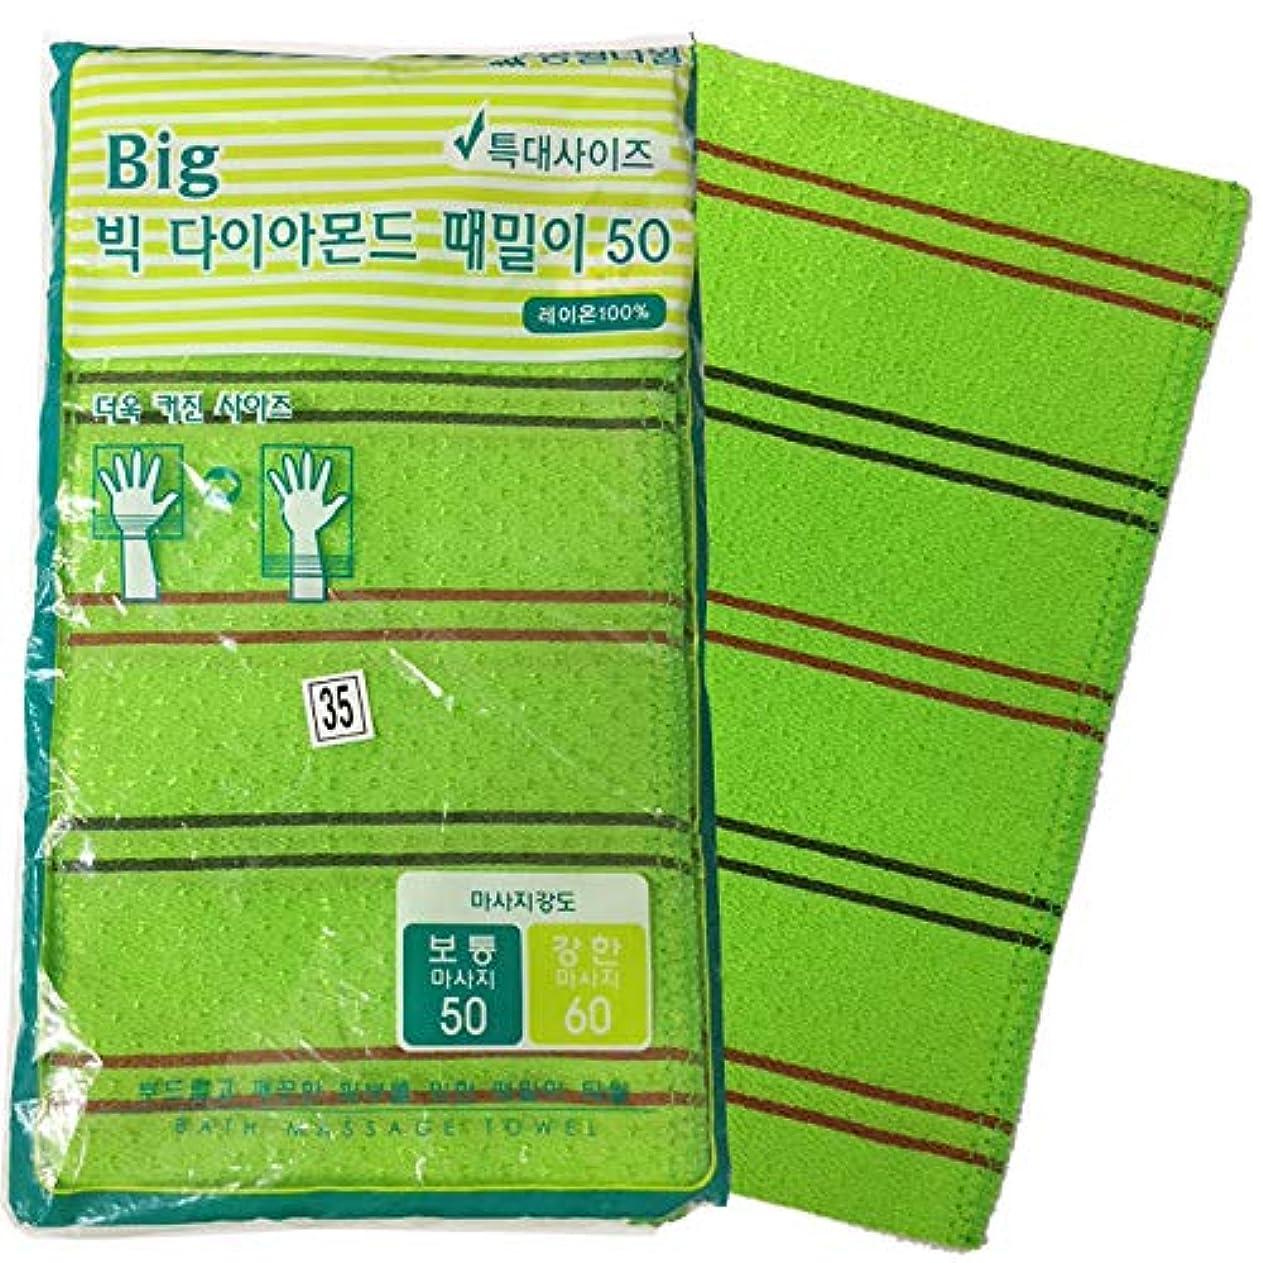 微弱オーロック試み10枚入り 韓国式アカスリタオル プロ仕様 サイズ:14X24Cm あかすりタオル